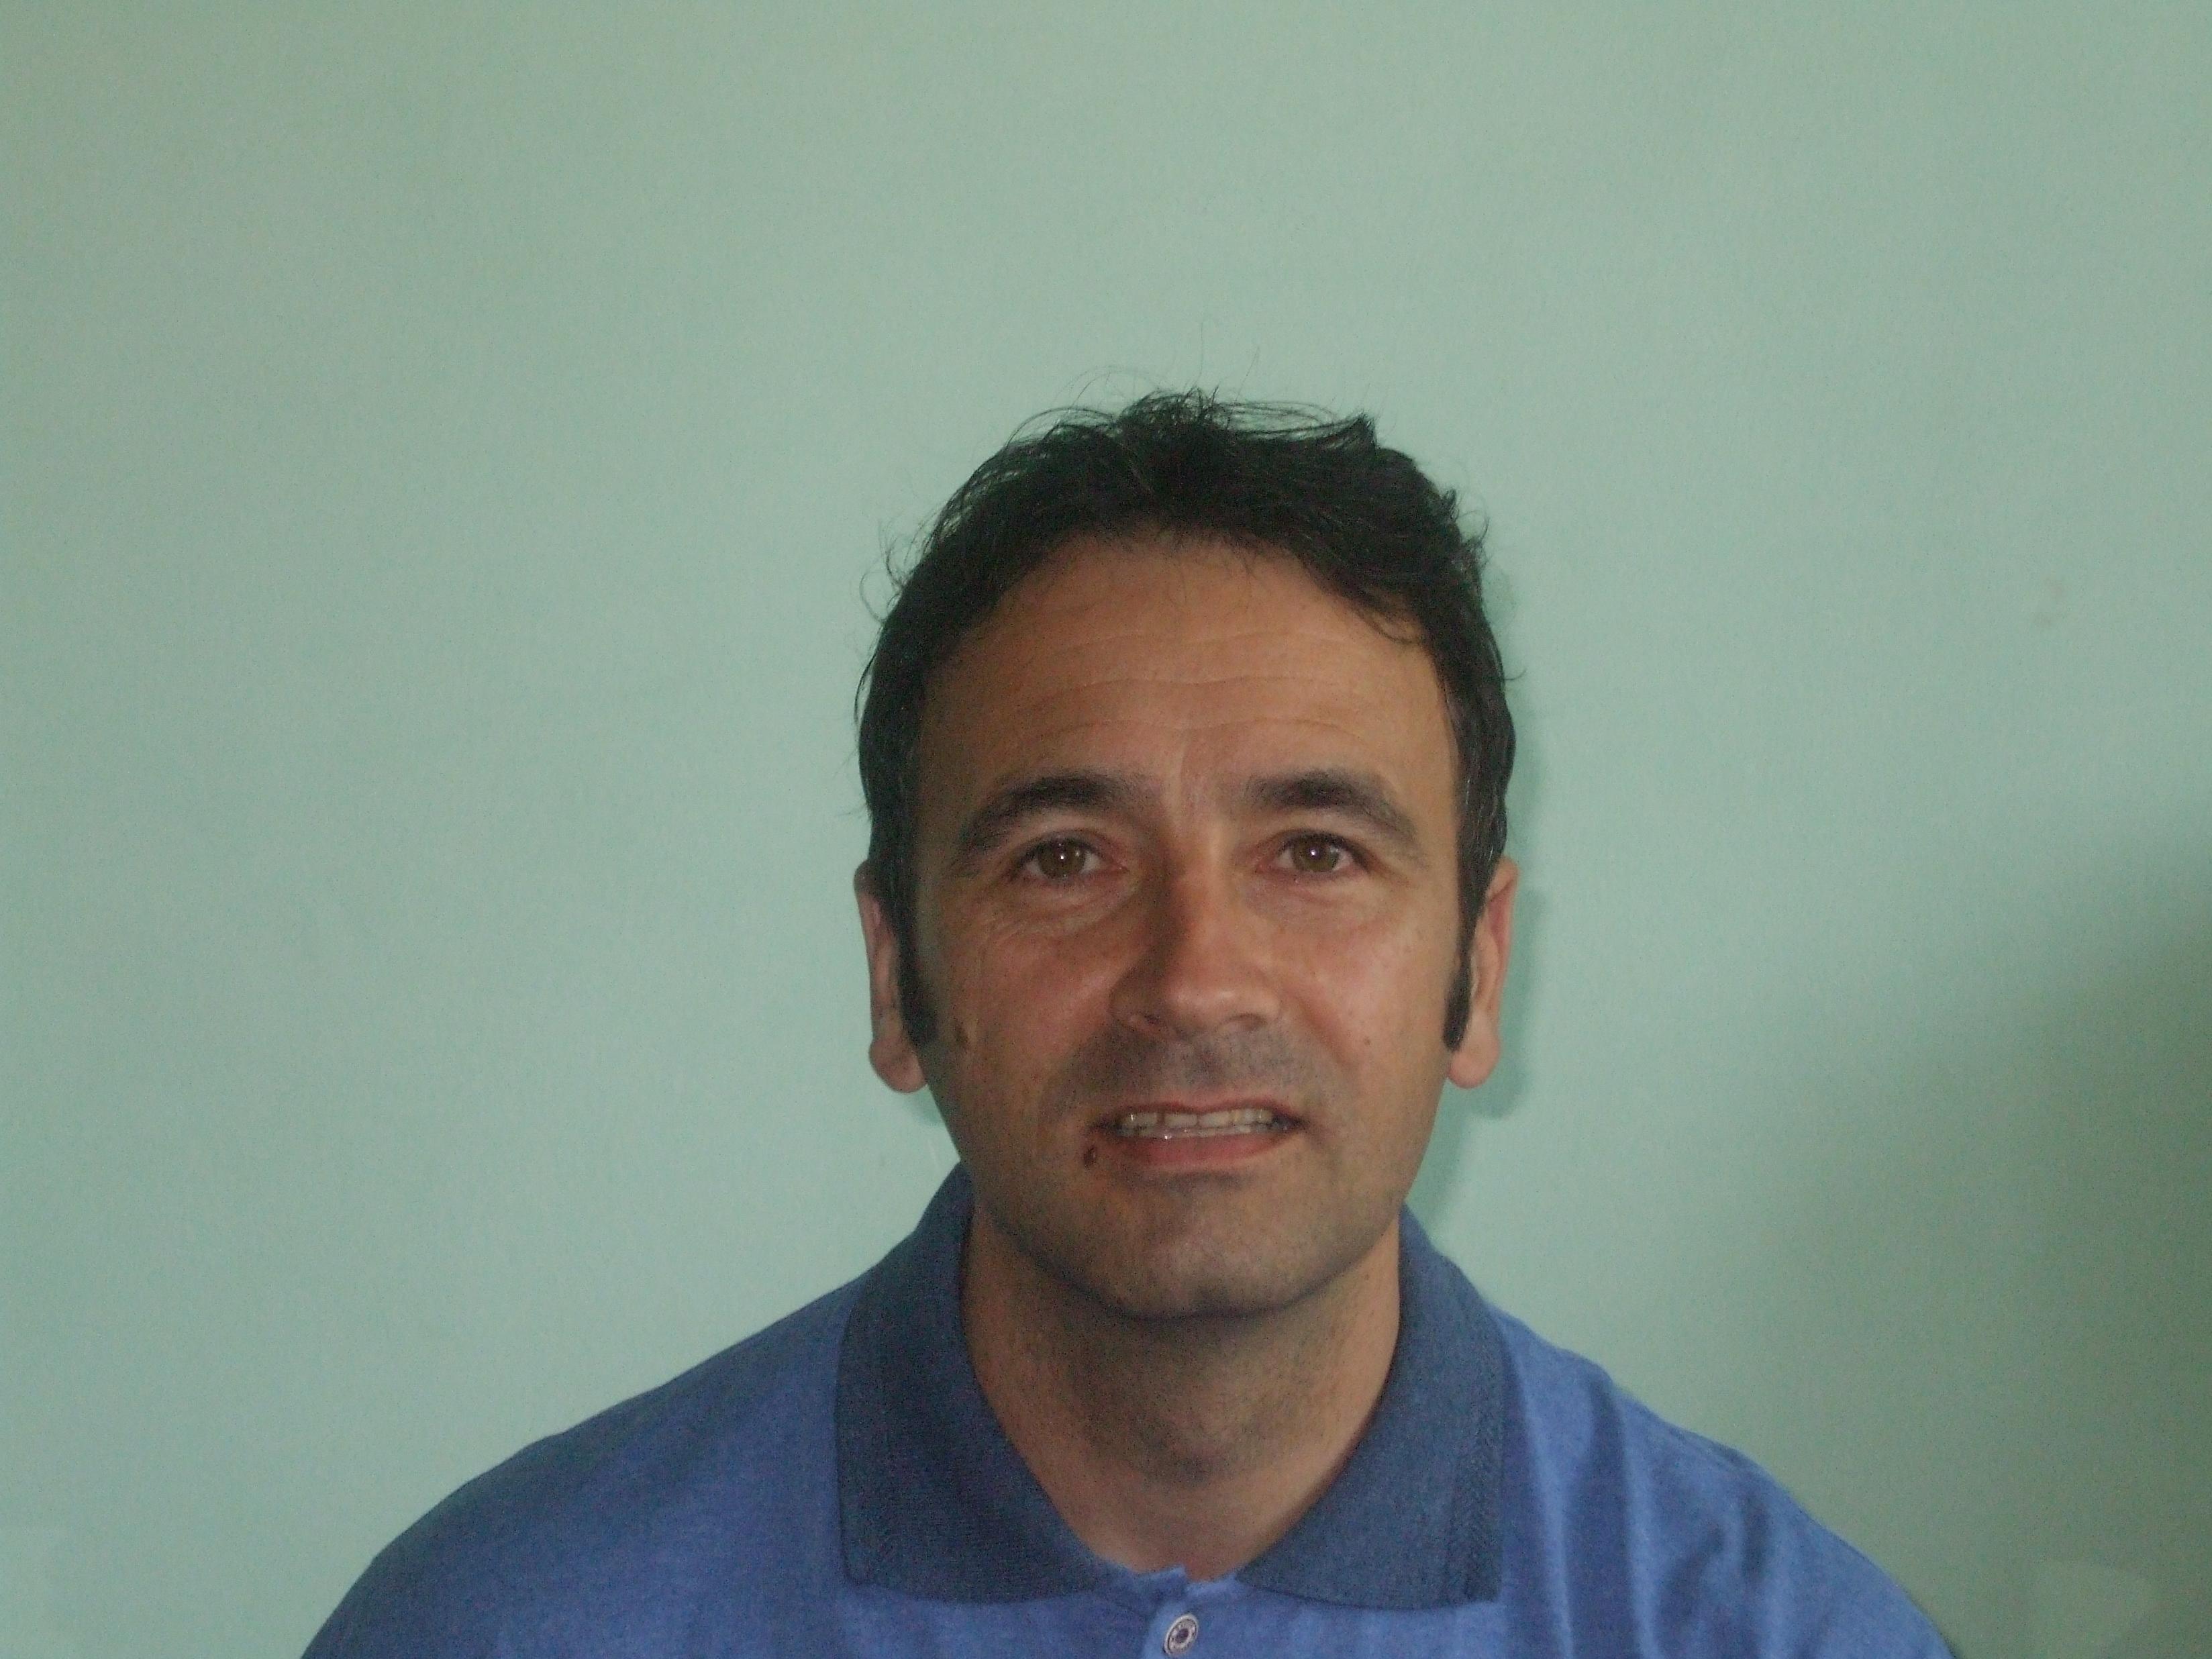 Valentin Hănulescu